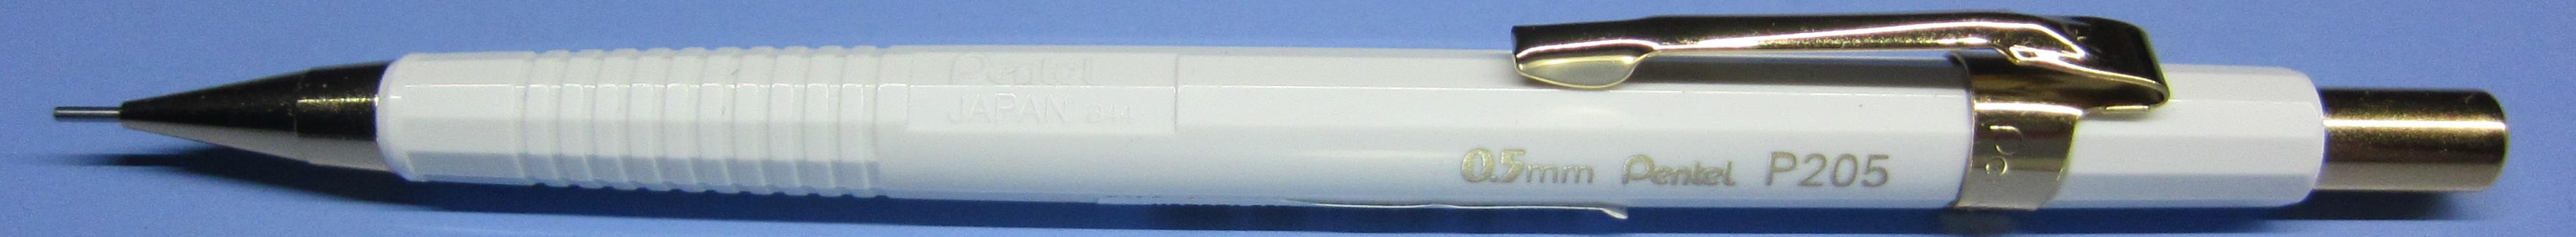 P205-XWL5 (Gen 6) - 336